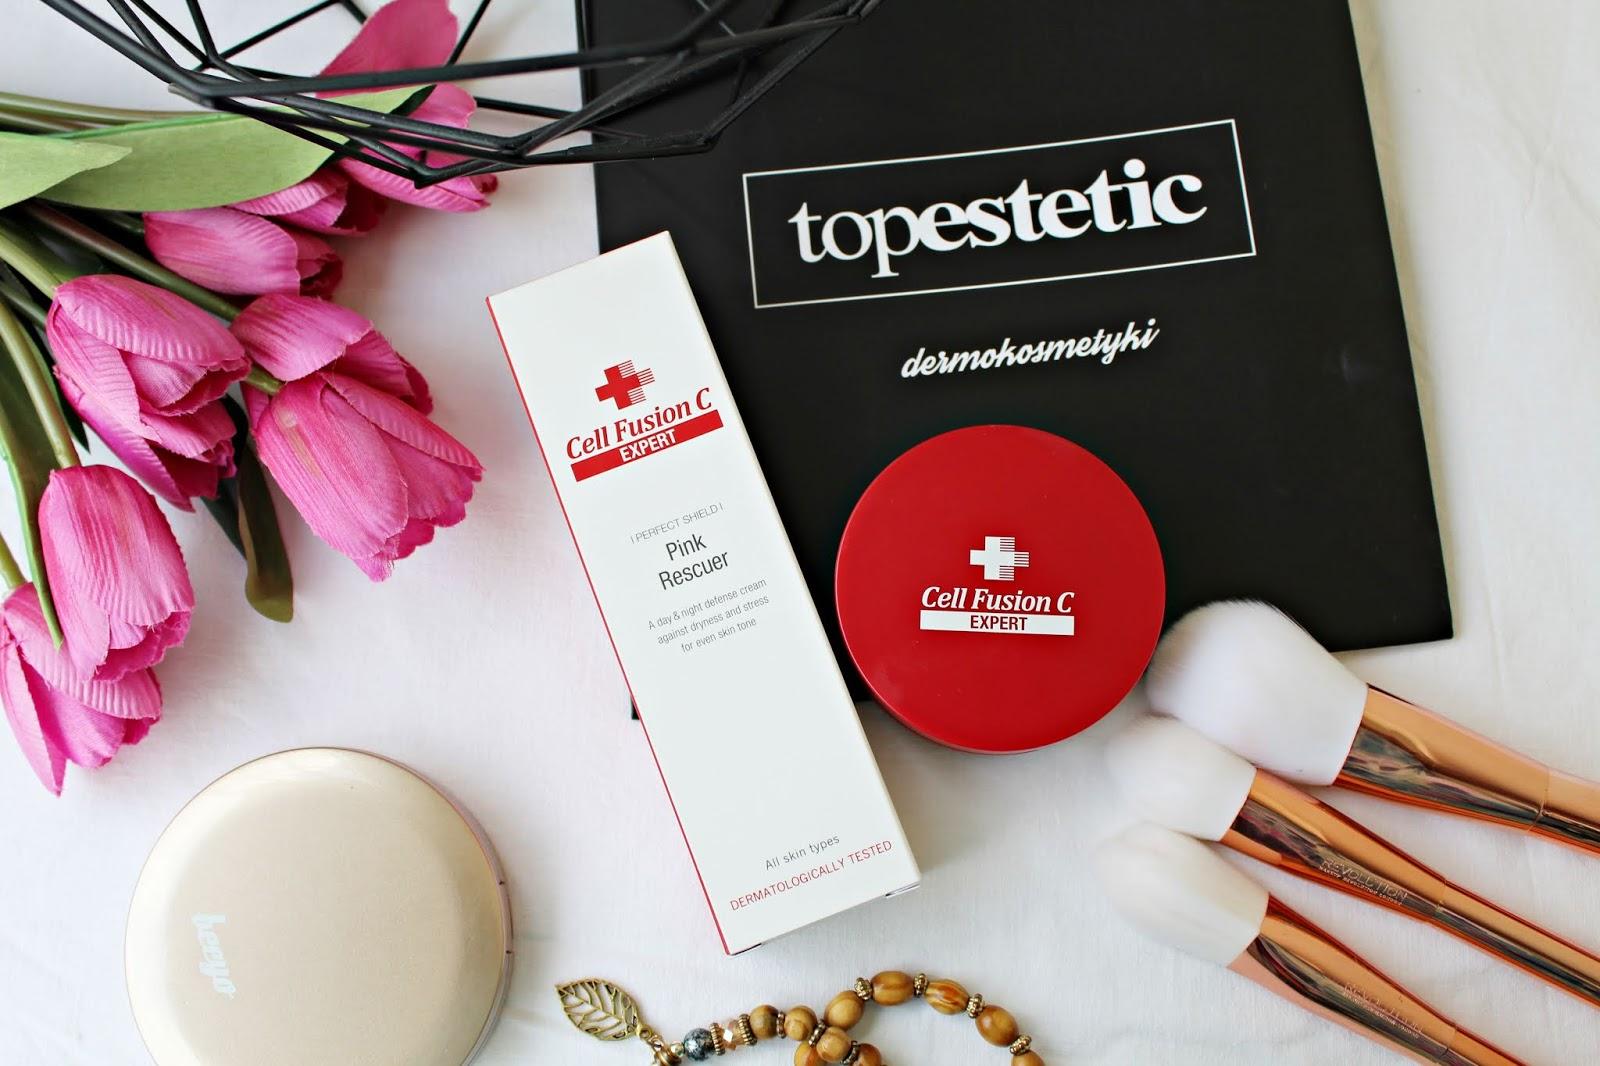 Ochrona skóry przed działaniem stresu i światła niebieskiego CELL FUSION C EXPERT - PINK RESCUER + SKIN TONE-UP BB CUSHION - TOPESTETIC